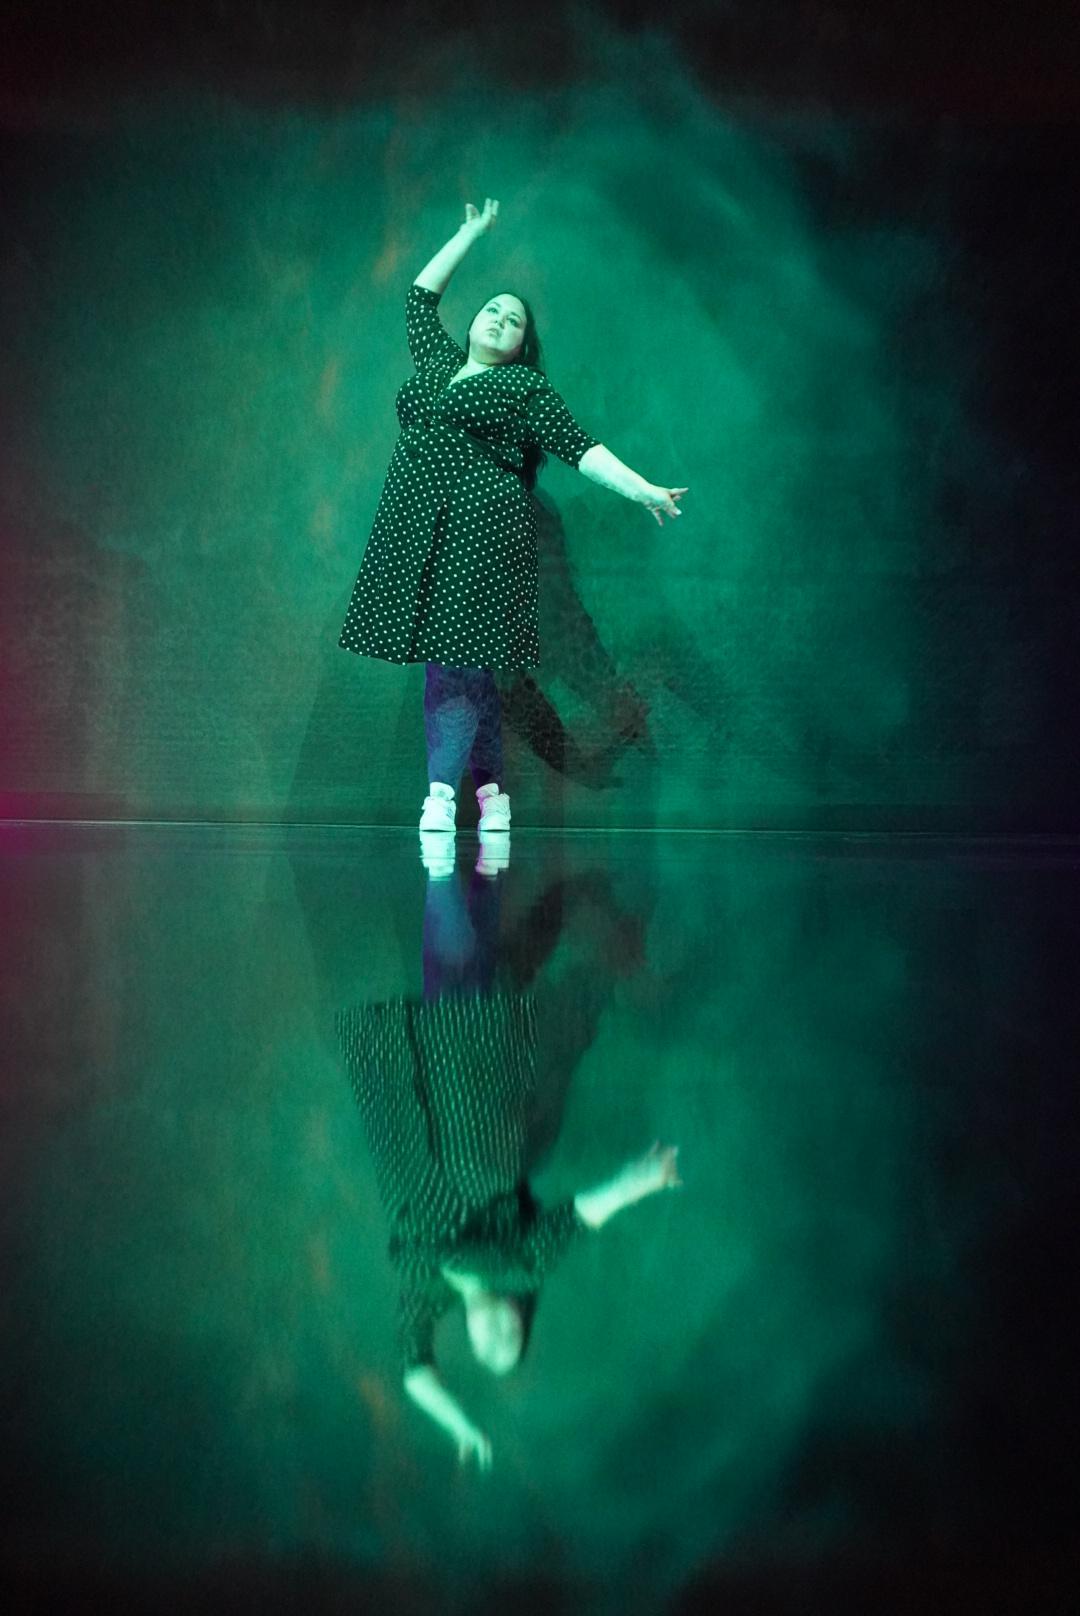 Auf dem Bild vom Museum of Popcorn in Hamburg Hafencity sieht man eine Frau in einem Kleid in einer Tanzpose. Das Bild ist in einen Grün Blau Ton getaucht, auch die Frau ist in das Licht getaucht, das wirkt, als wäre es Aquarellfarbe. An den Rändern ist es dunkel, durchbrochen von linken Lichtflecken ab und an.